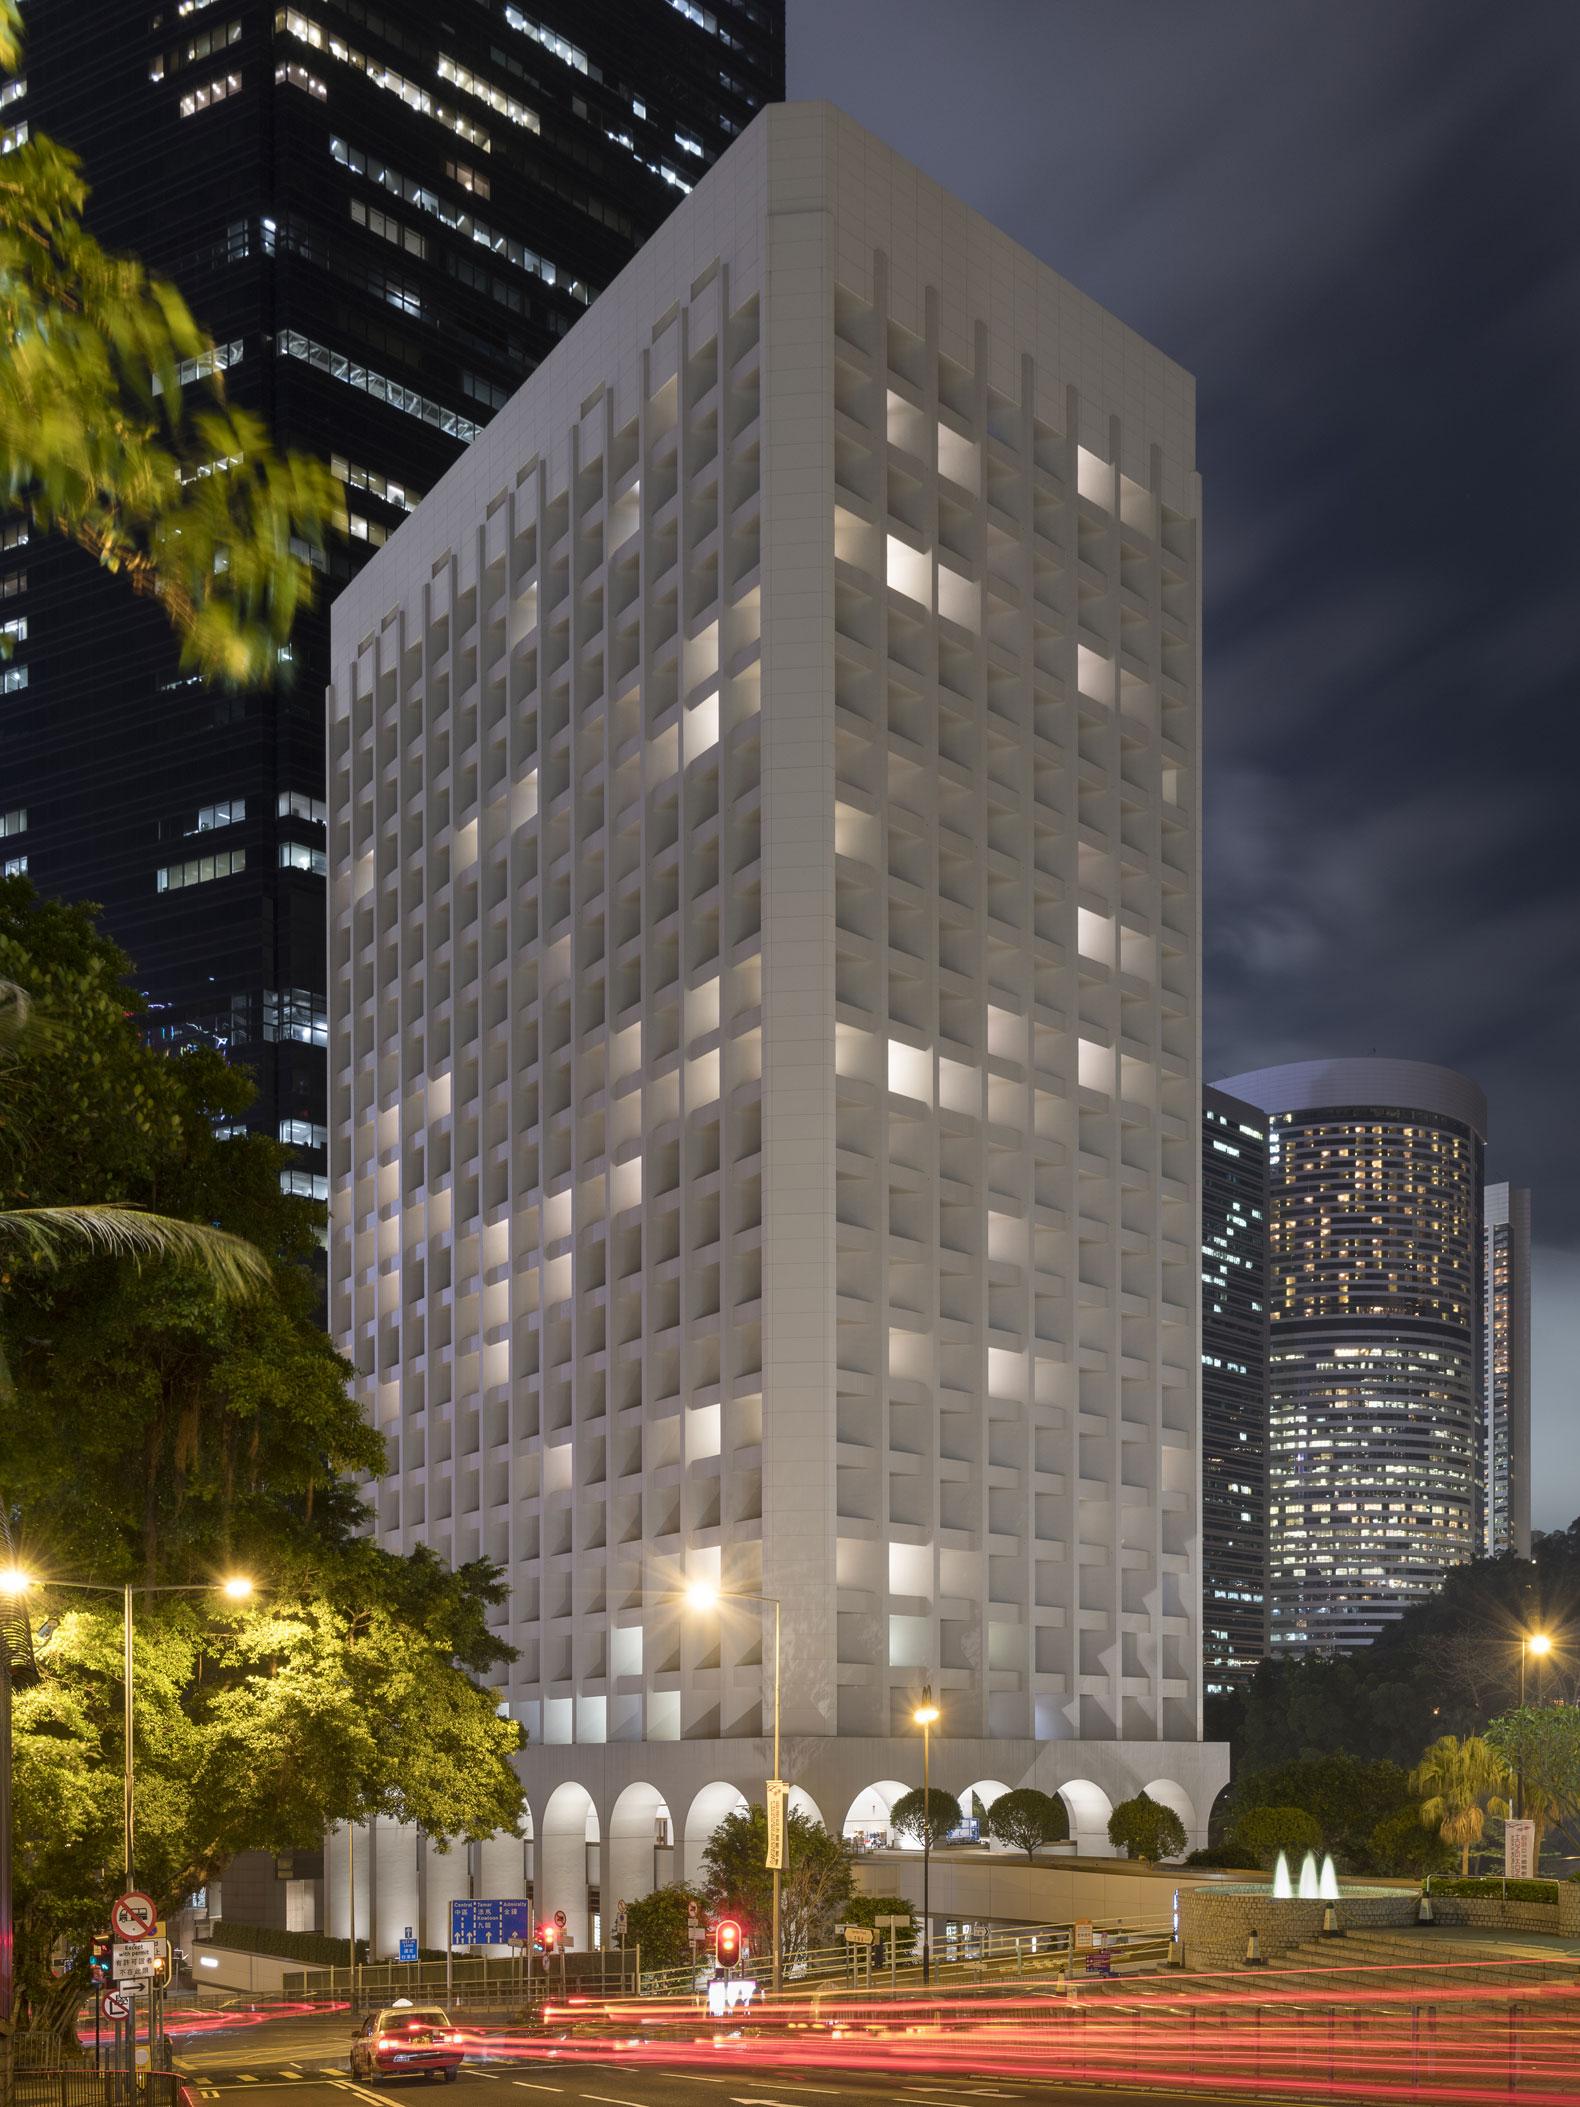 Vista exterior del Murray por la noche desde el Cotton Tree Drive. El Murray, un nuevo hotel para Hong Kong por Foster + Partners © Nigel Young / Foster+Partners